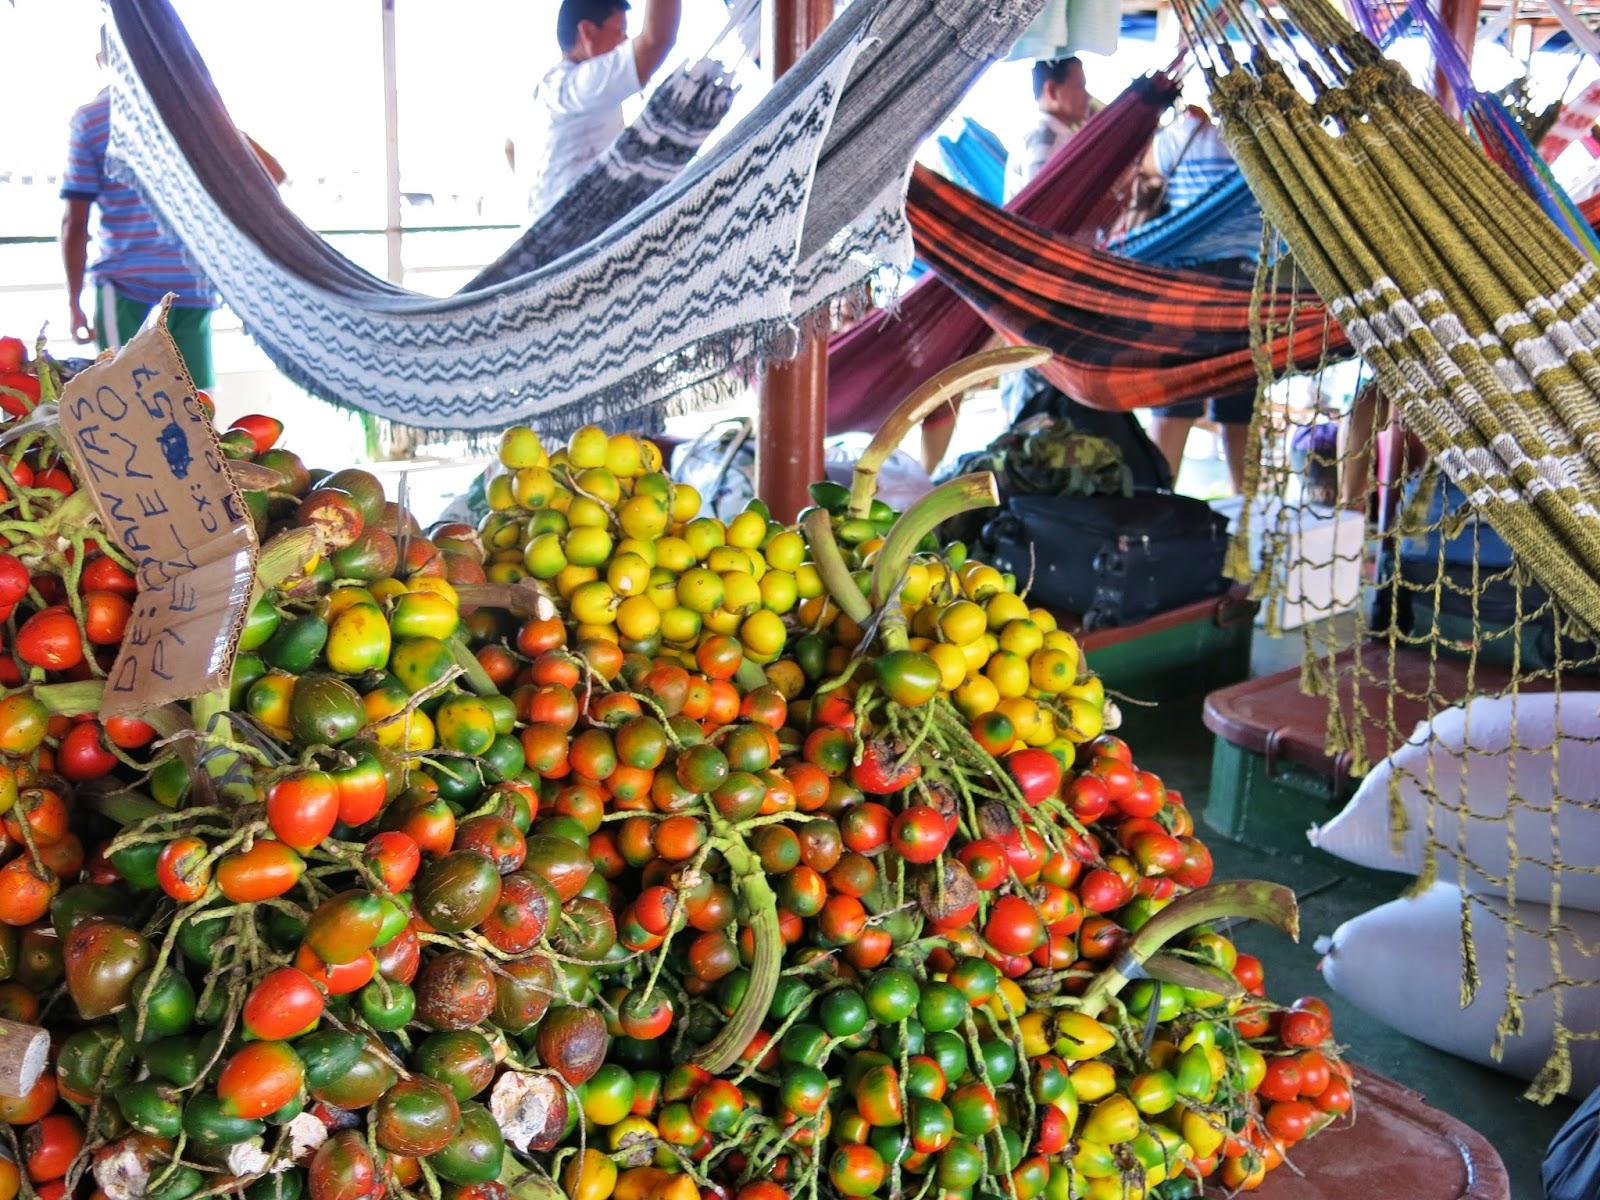 Mercadorias carregadas no primeiro andar do barco comunitário.